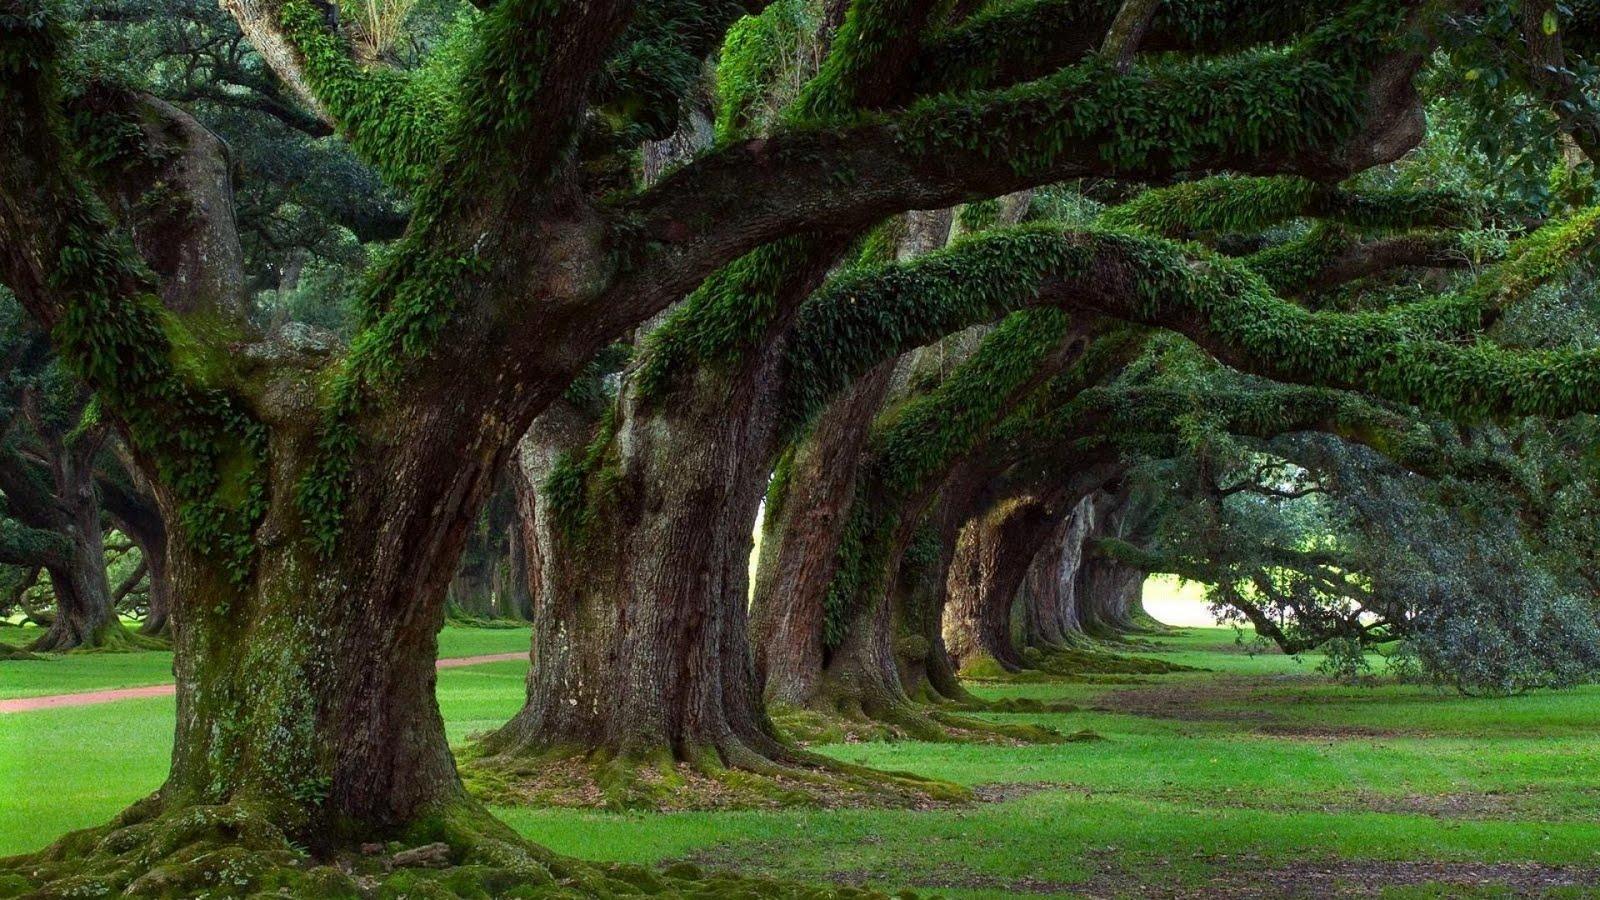 http://4.bp.blogspot.com/-3bLYbUSkbGc/Tfx6CNc1K_I/AAAAAAAADXg/YtWIpxzjtII/s1600/1920x1080_fond-ecran-nature-paysages-arbres-036.jpg